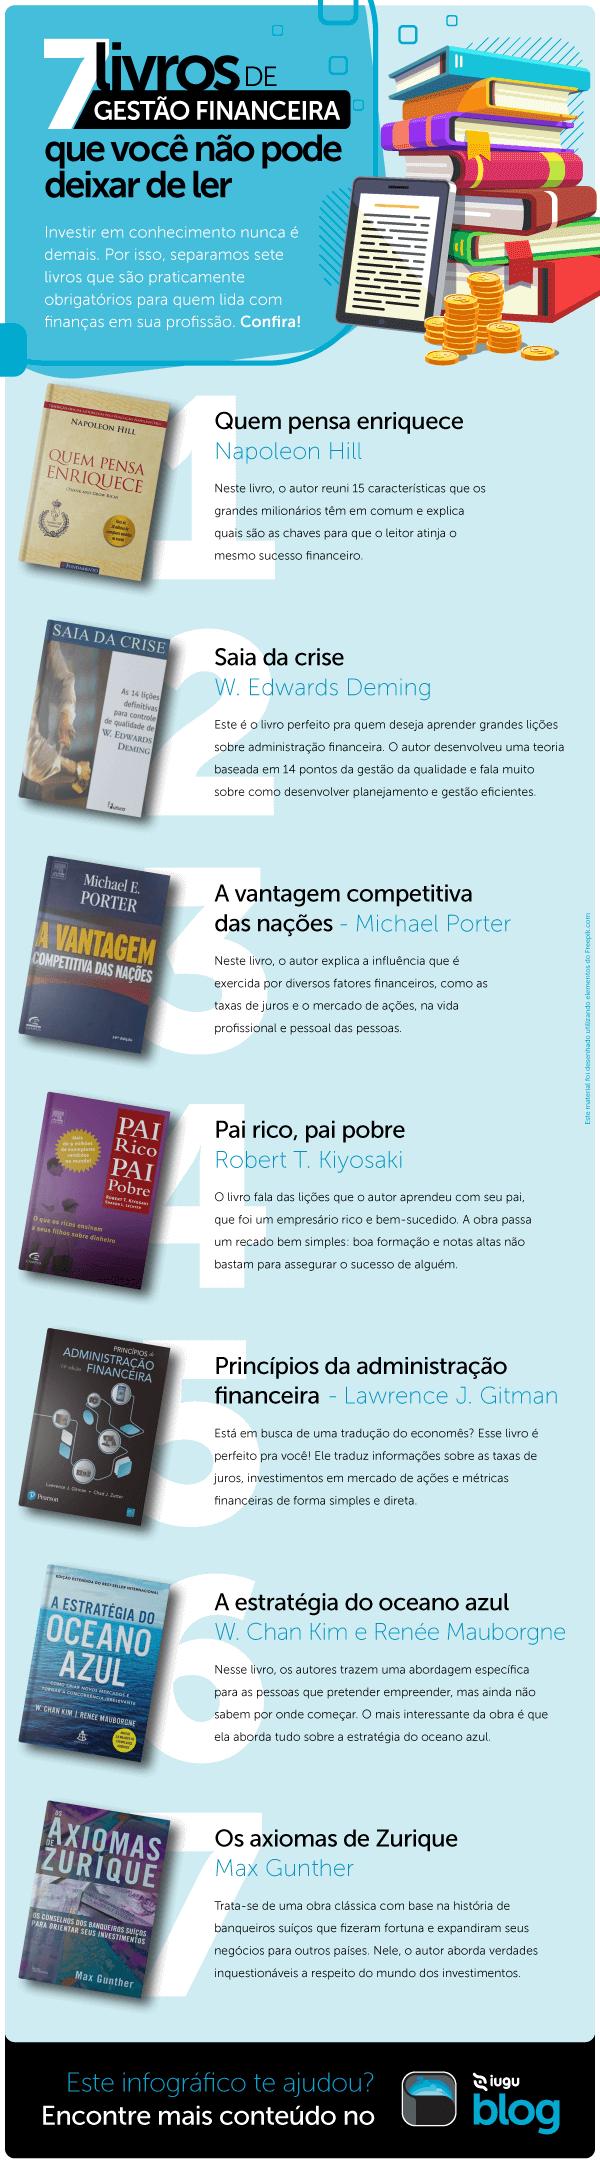 infográfico 7 livros de gestão financeira que você precisa ler